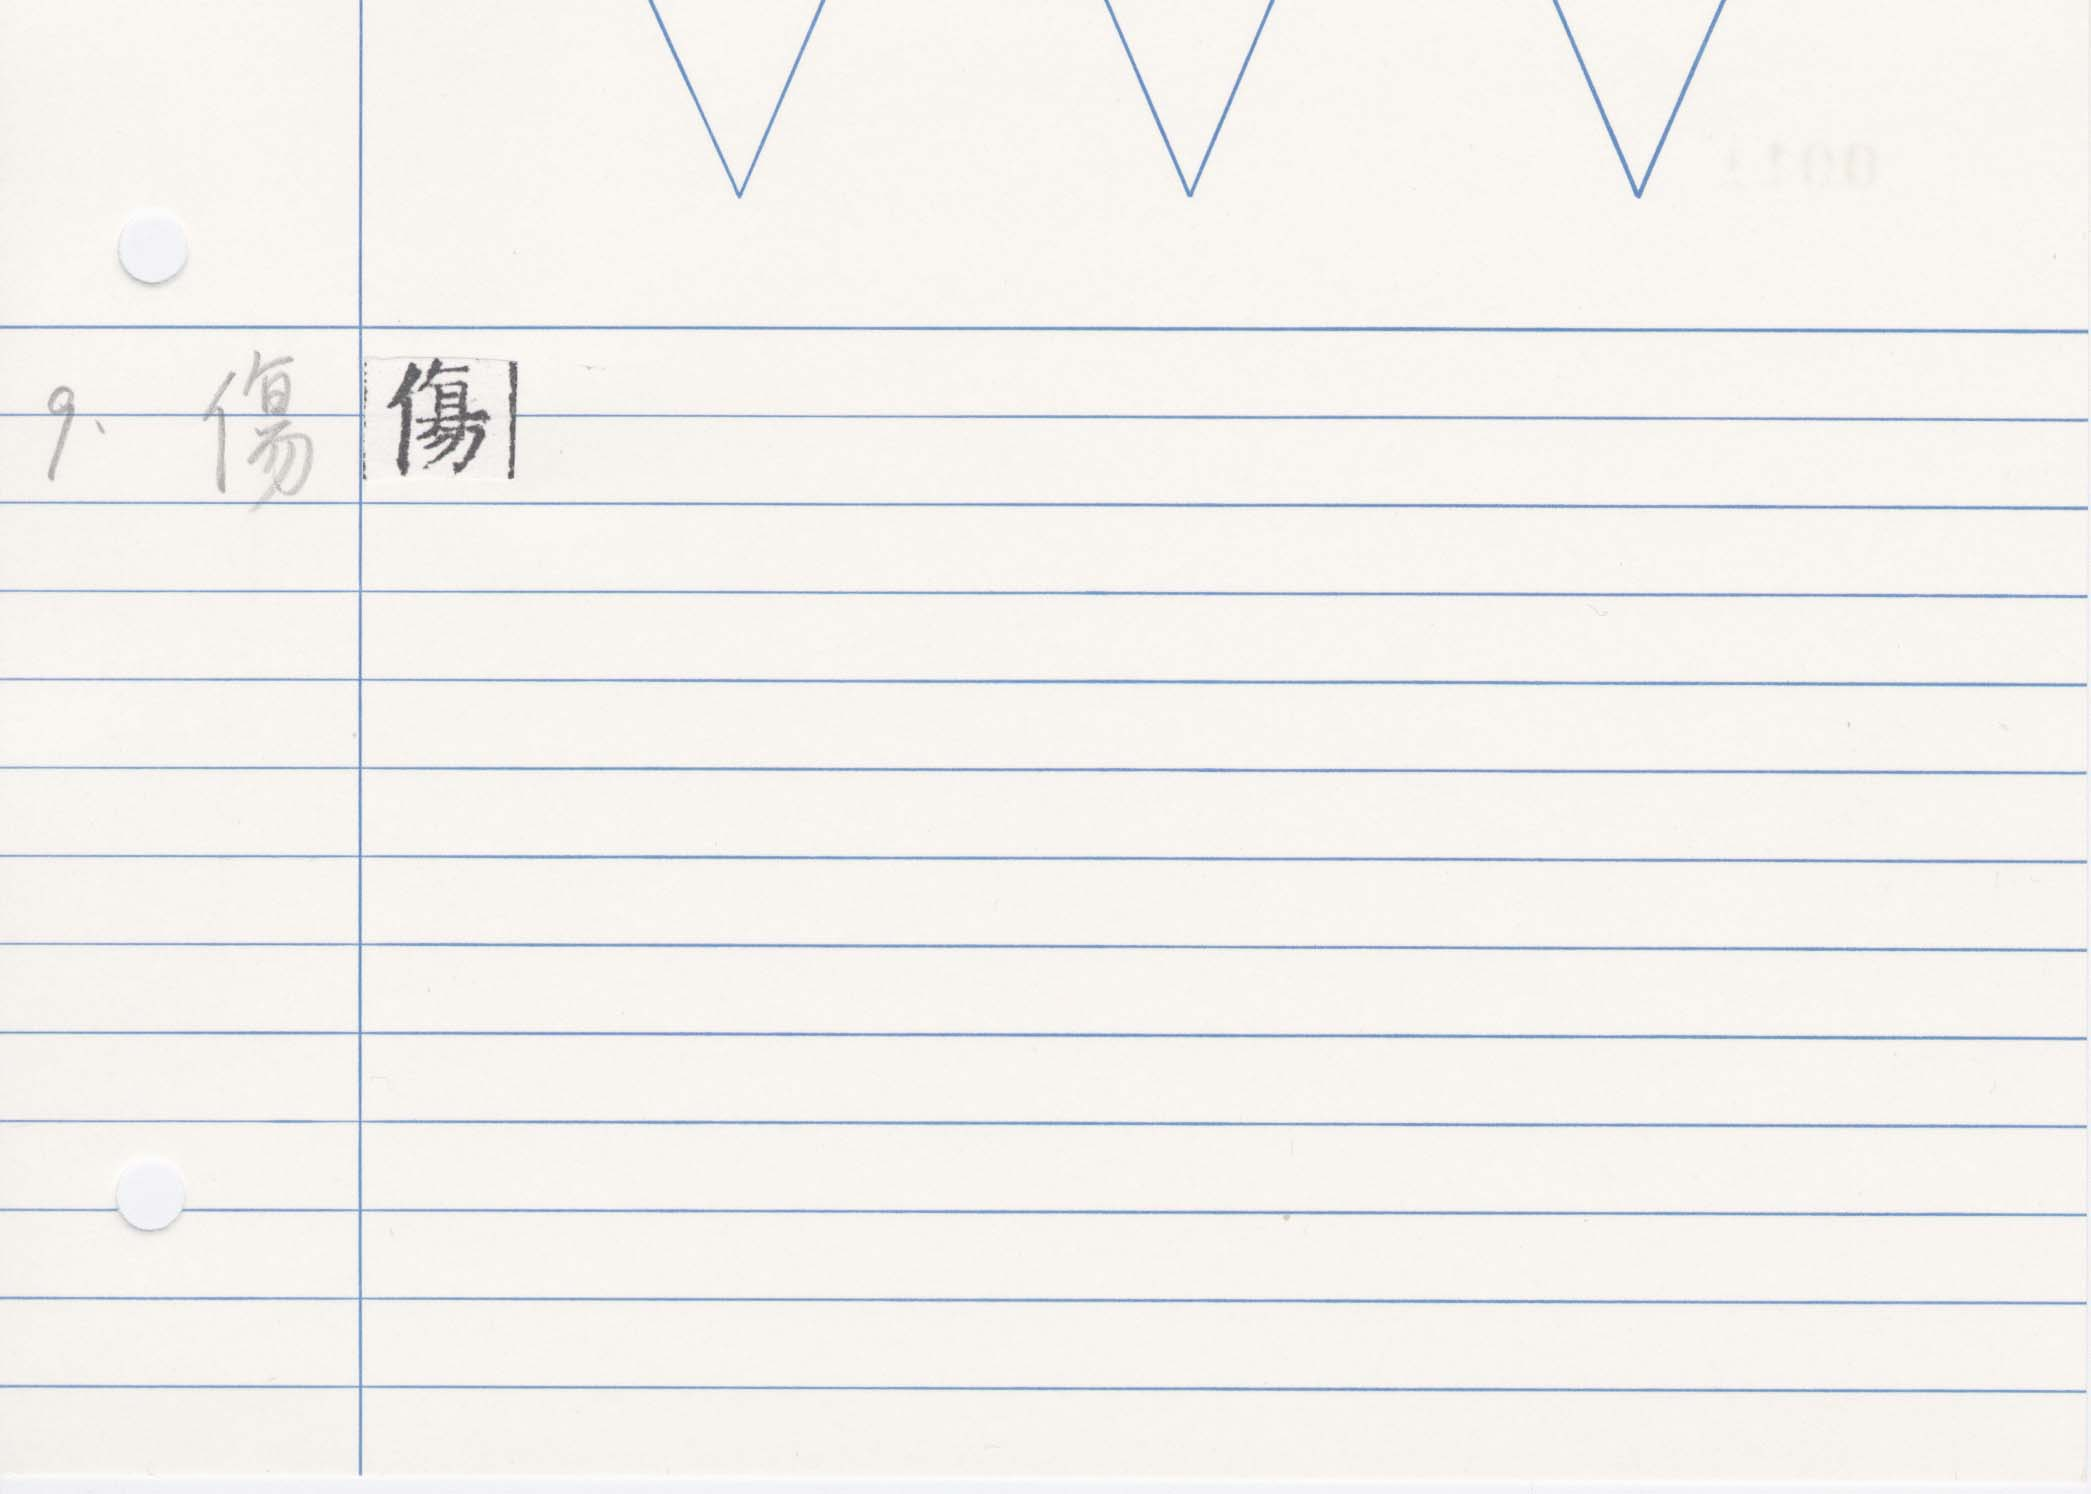 26_齊民要術卷五(高山寺本)/cards/0011.jpg